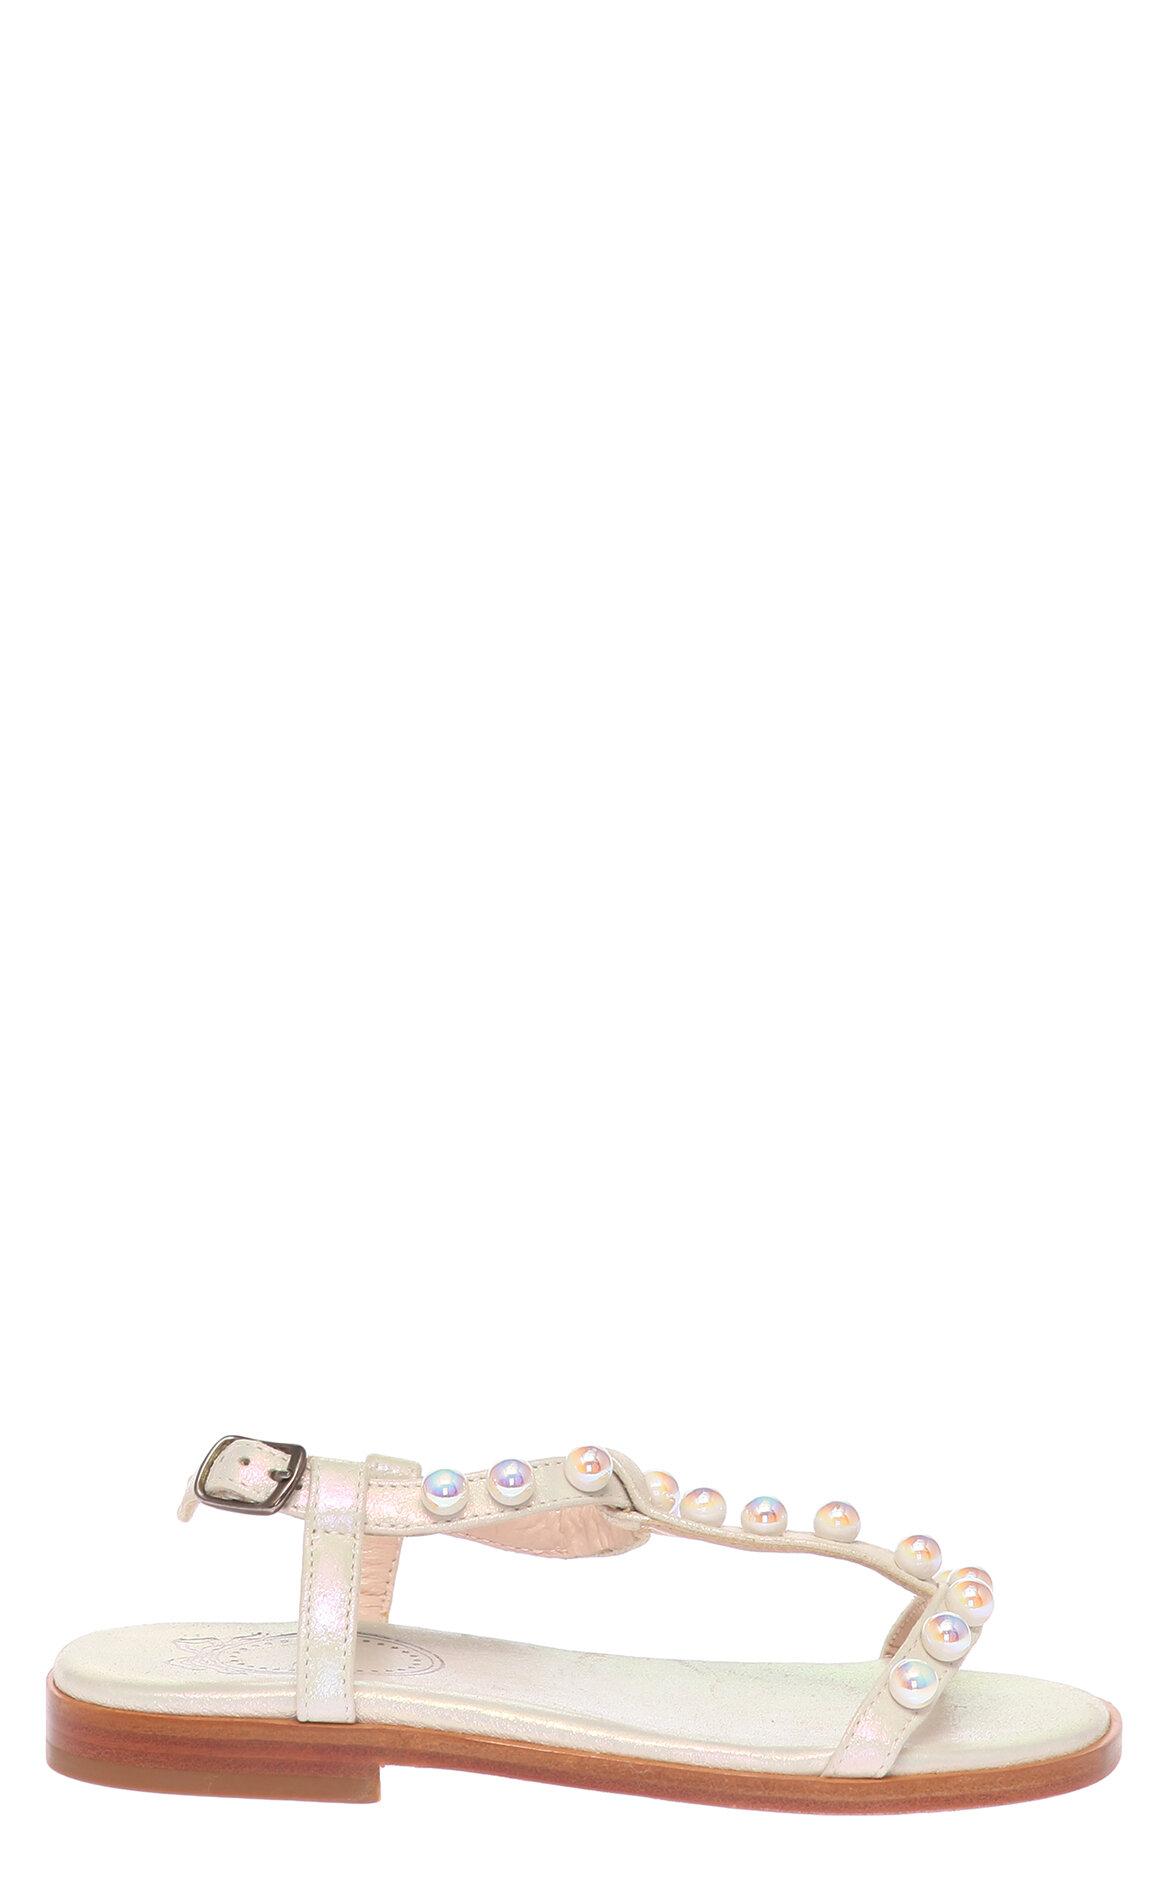 Baby Dior-Baby Dior Kız Çocuk Ayakkabı